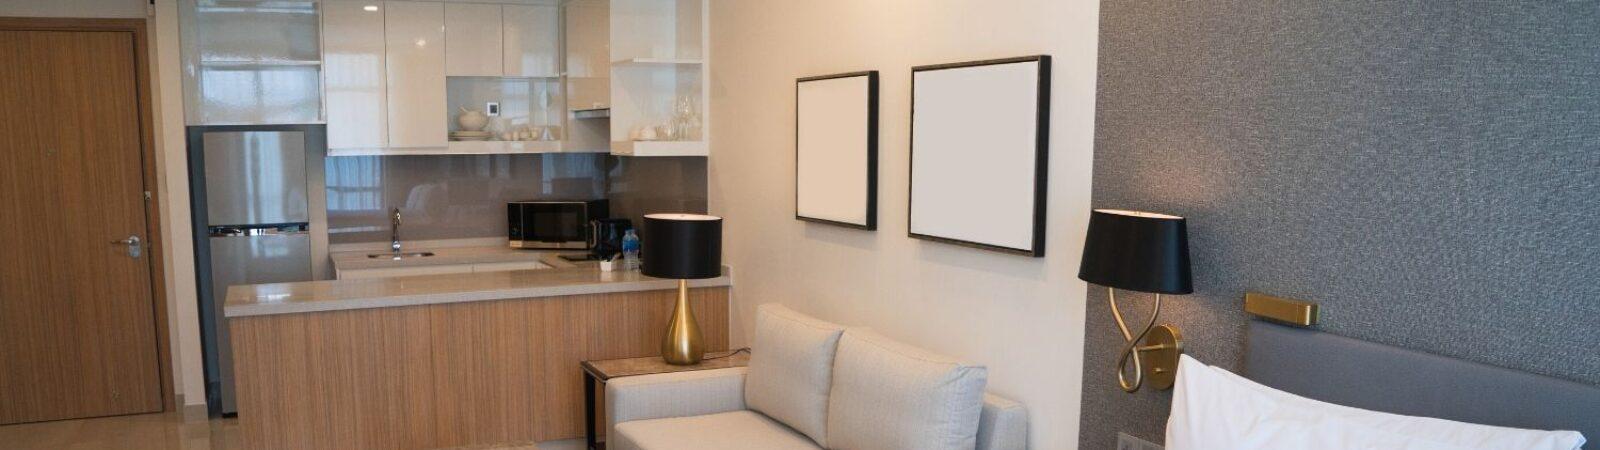 Как узаконить перепланировку квартиры в Украине  в 2020, основные этапы, и кому лучше доверить оформление